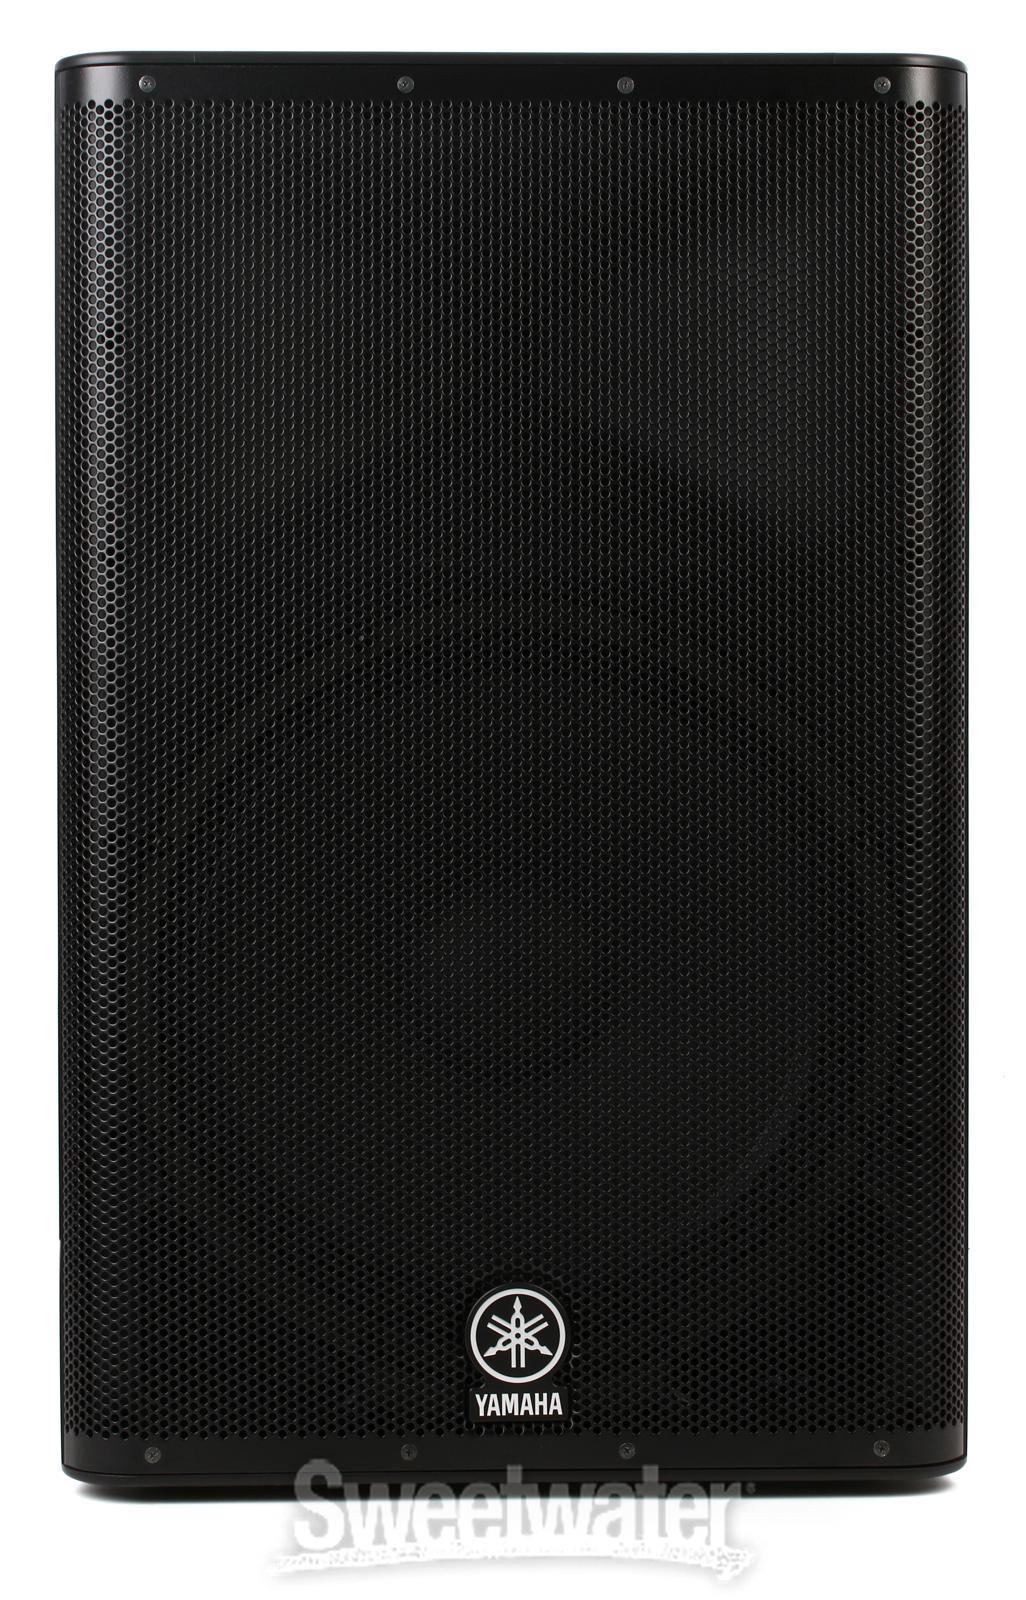 New 2x Yamaha Dxr15 15 Quot Active Speaker 950w 2x Dxs15